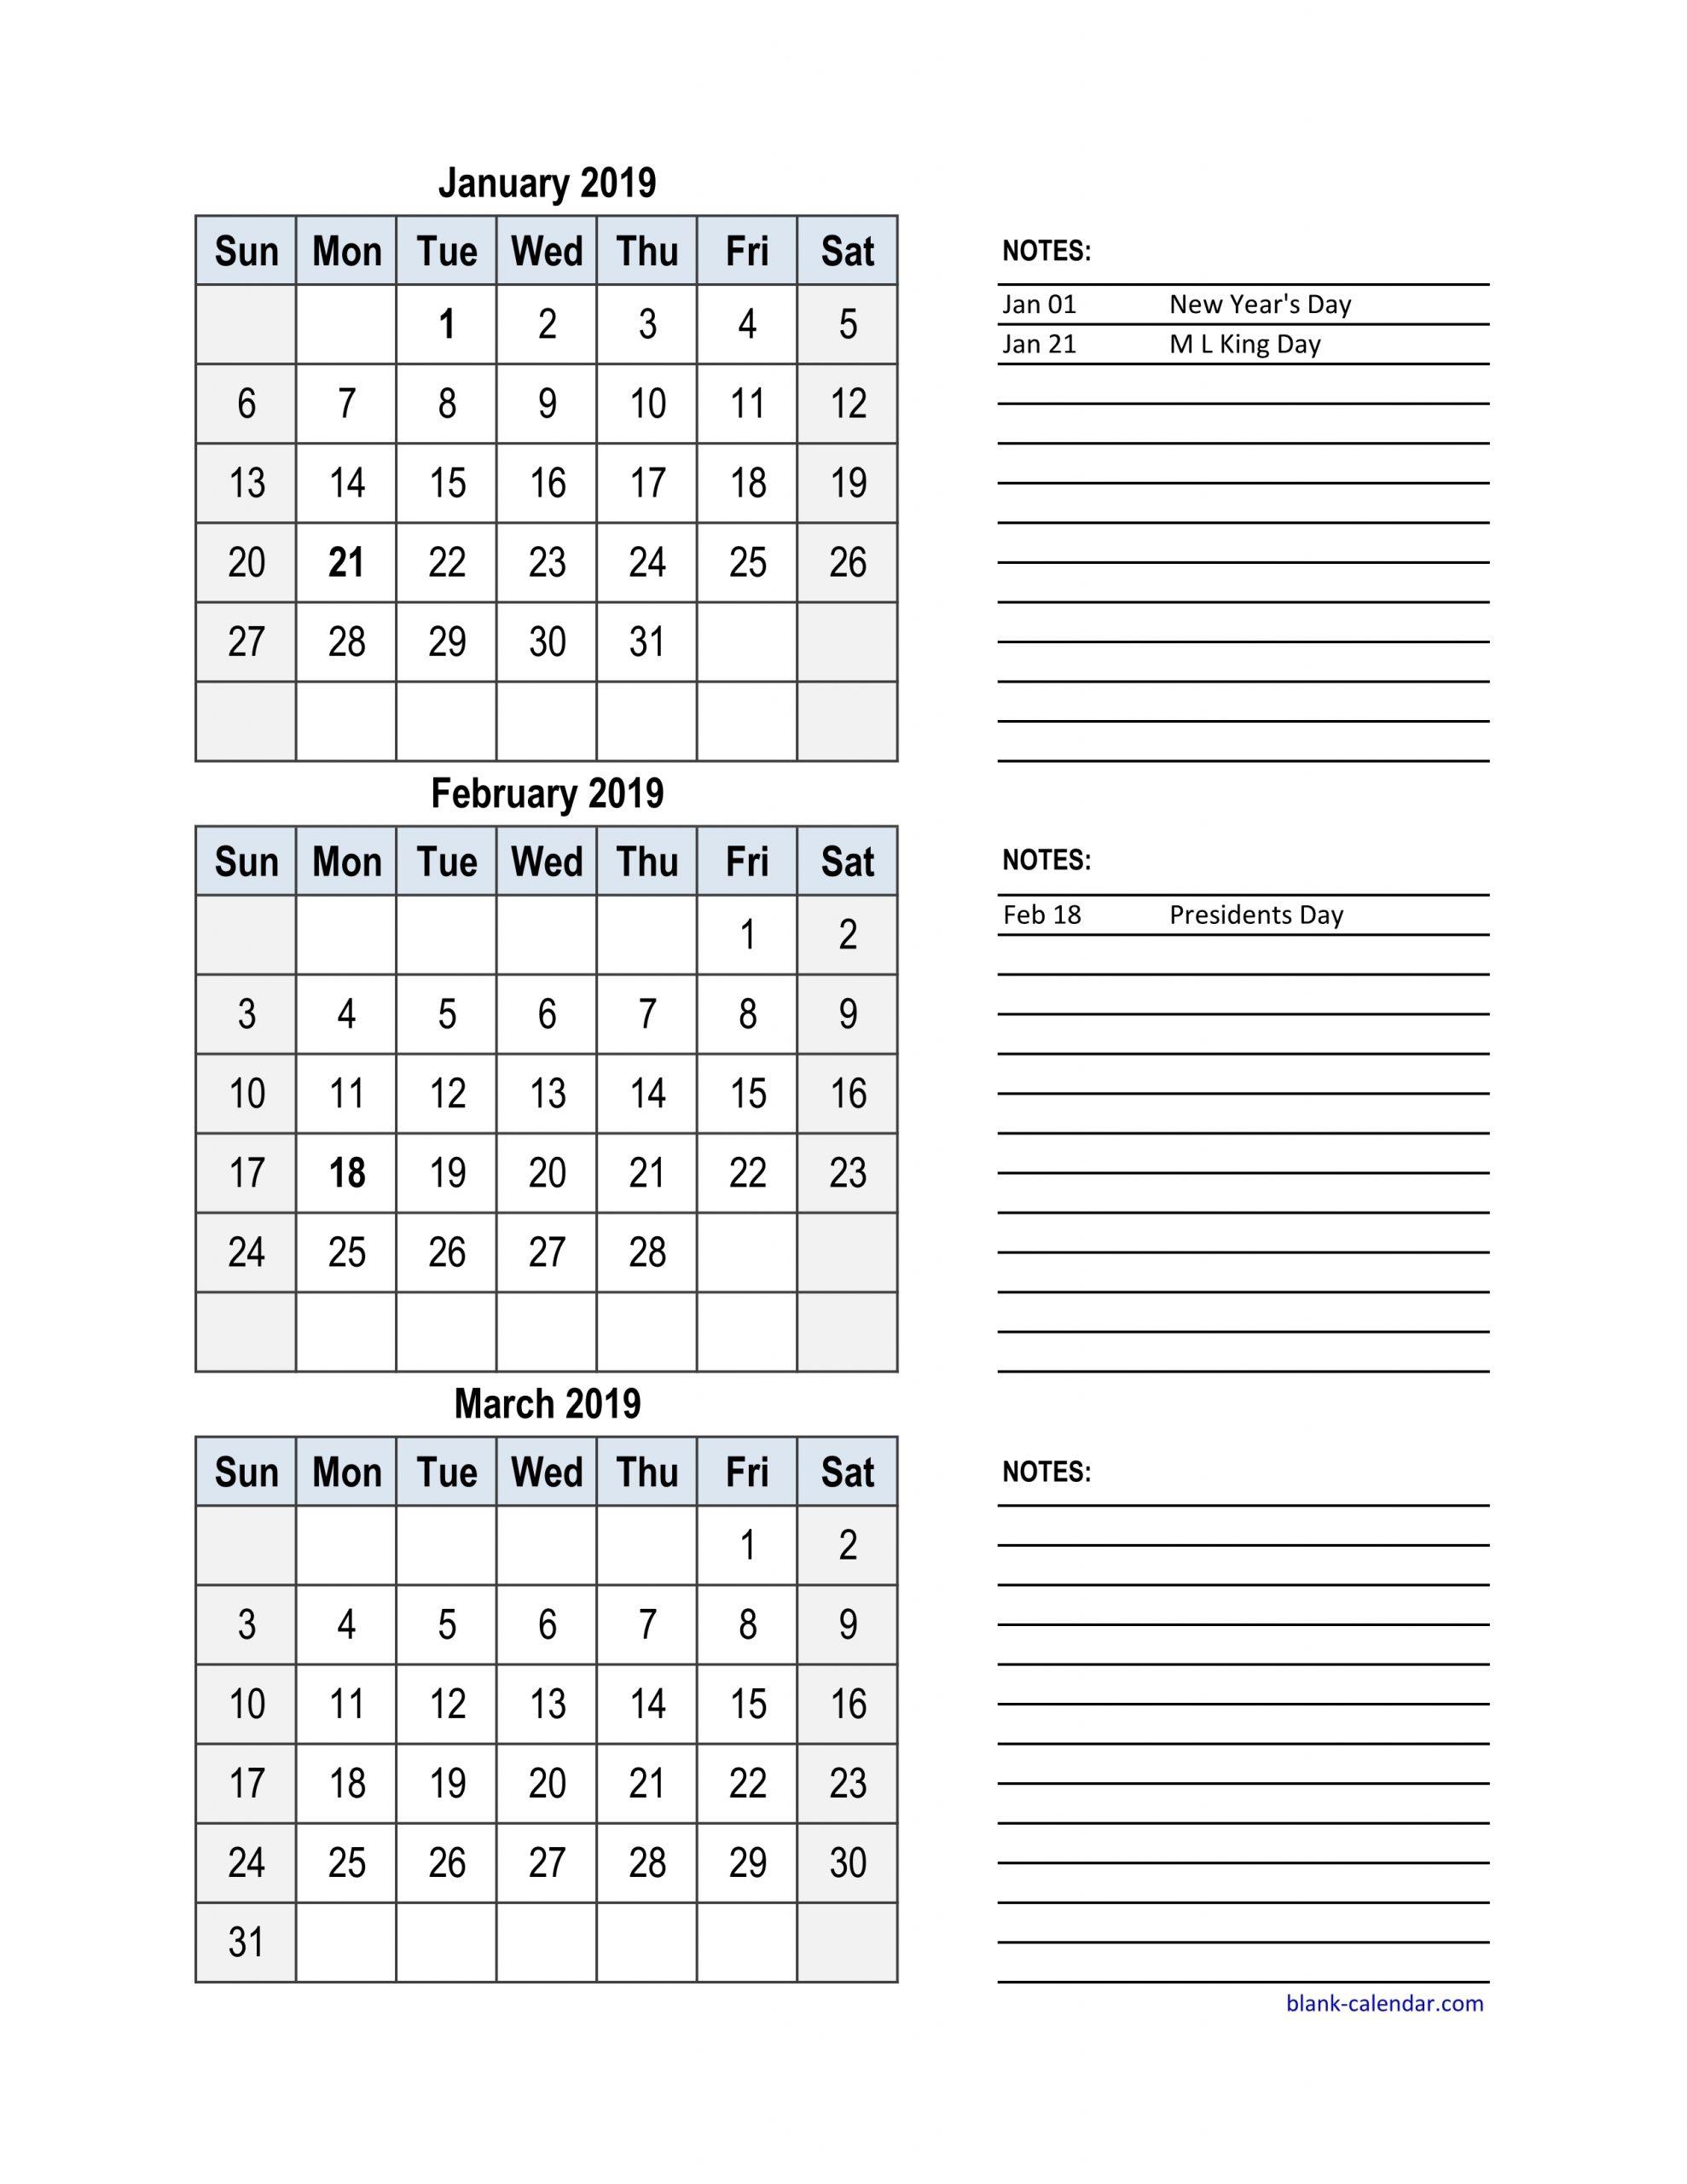 3Month Calendar Template Word | Calendar Template 2021 within 3 Month Printable Calendar Templates For 2021